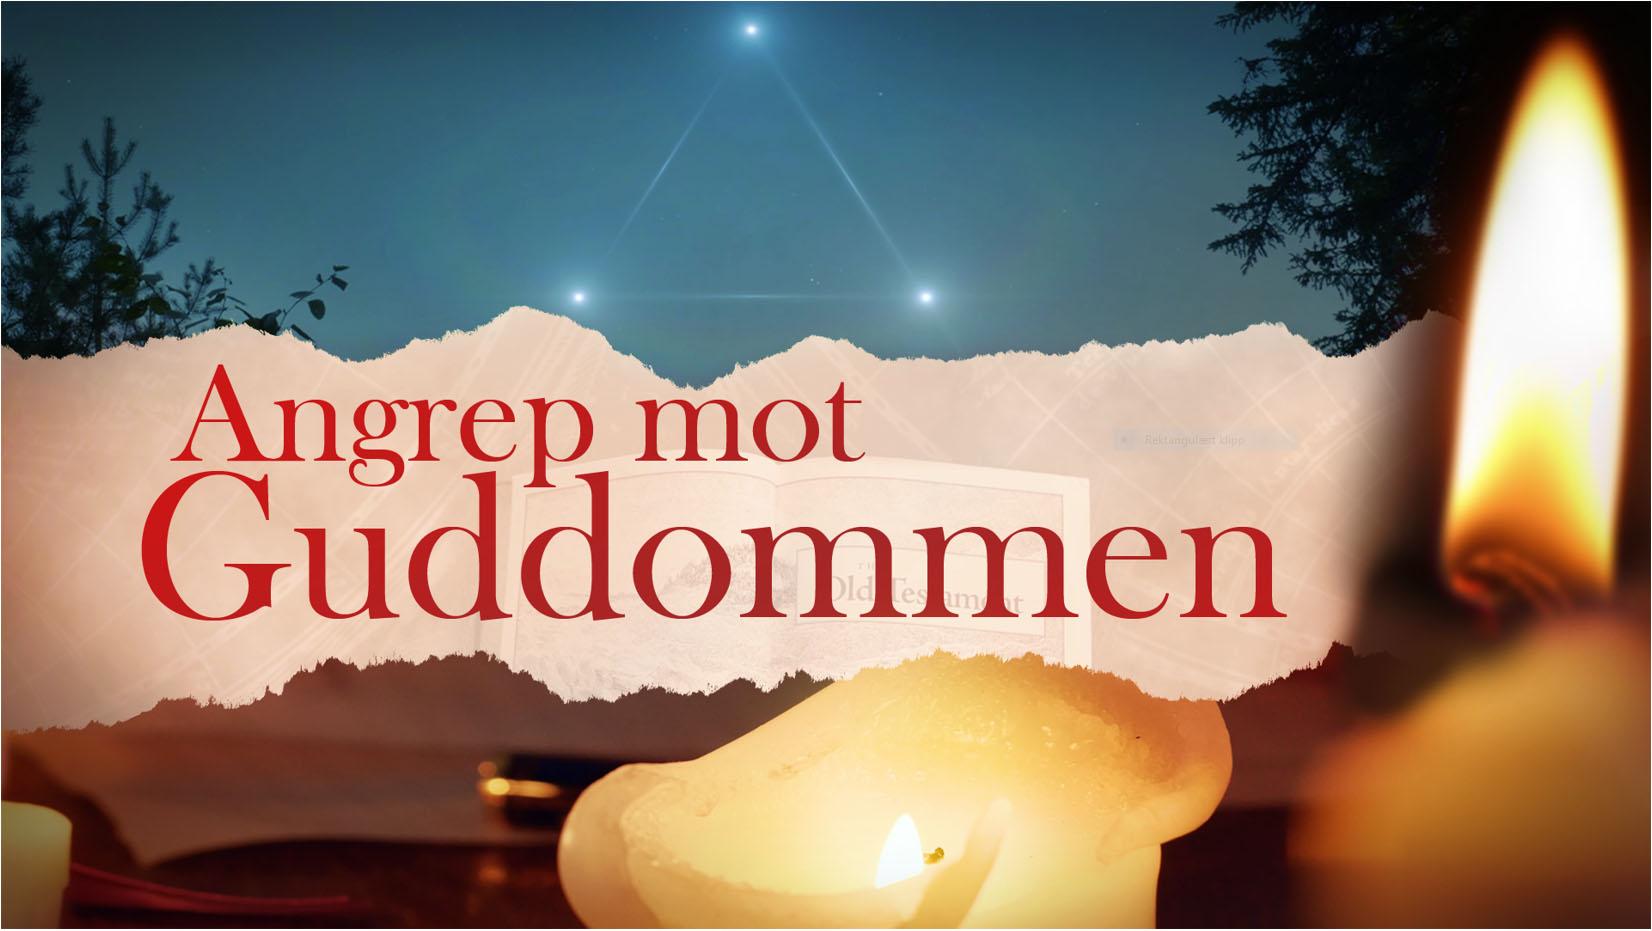 ANGREP MOT GUDDOMMEN (klikk her)